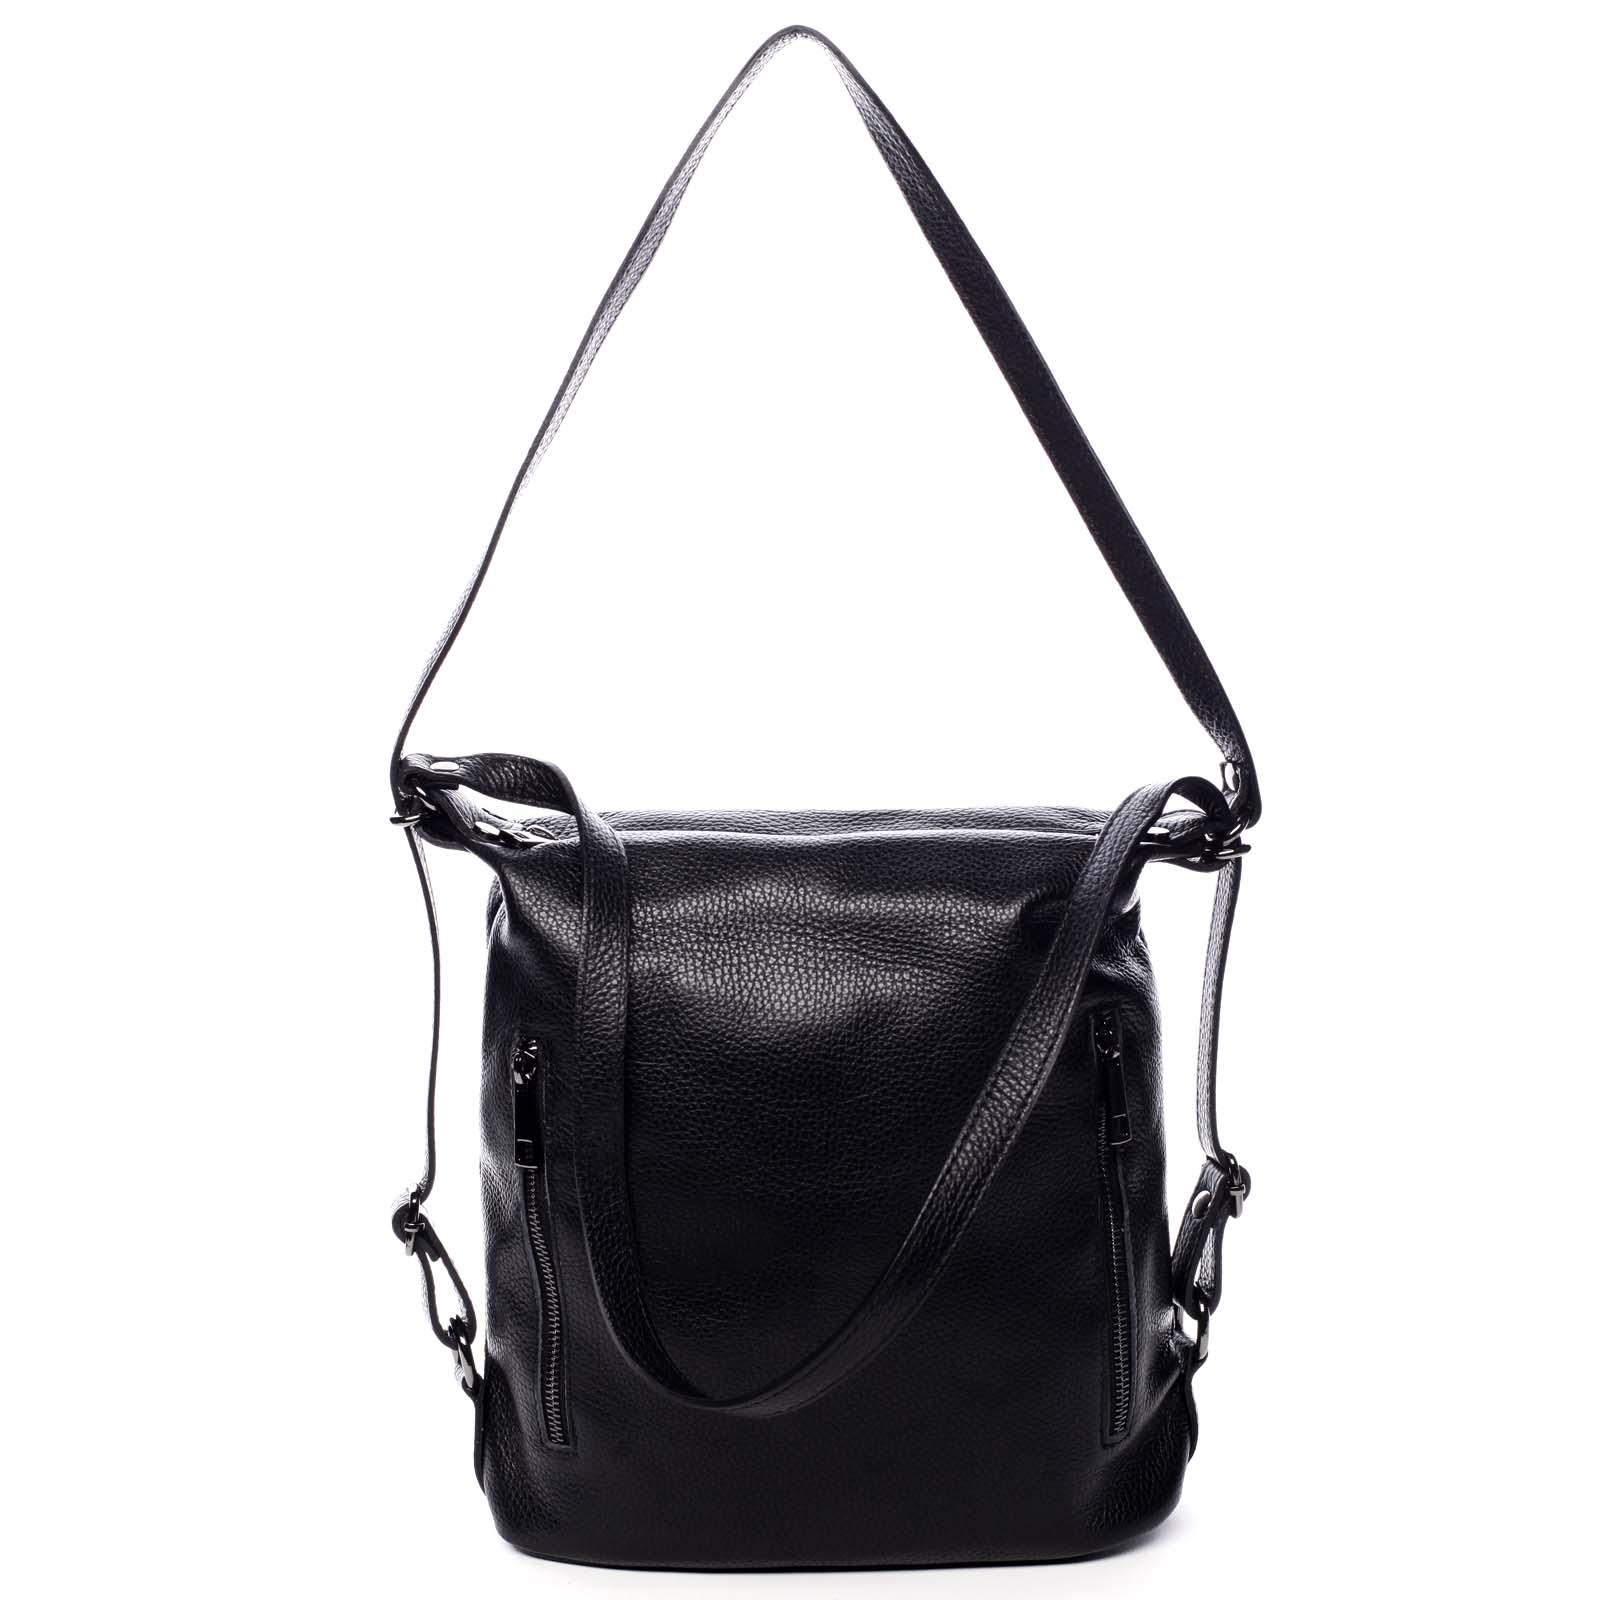 Dámska kožená kabelka batoh čierna - ItalY Nadine čierna